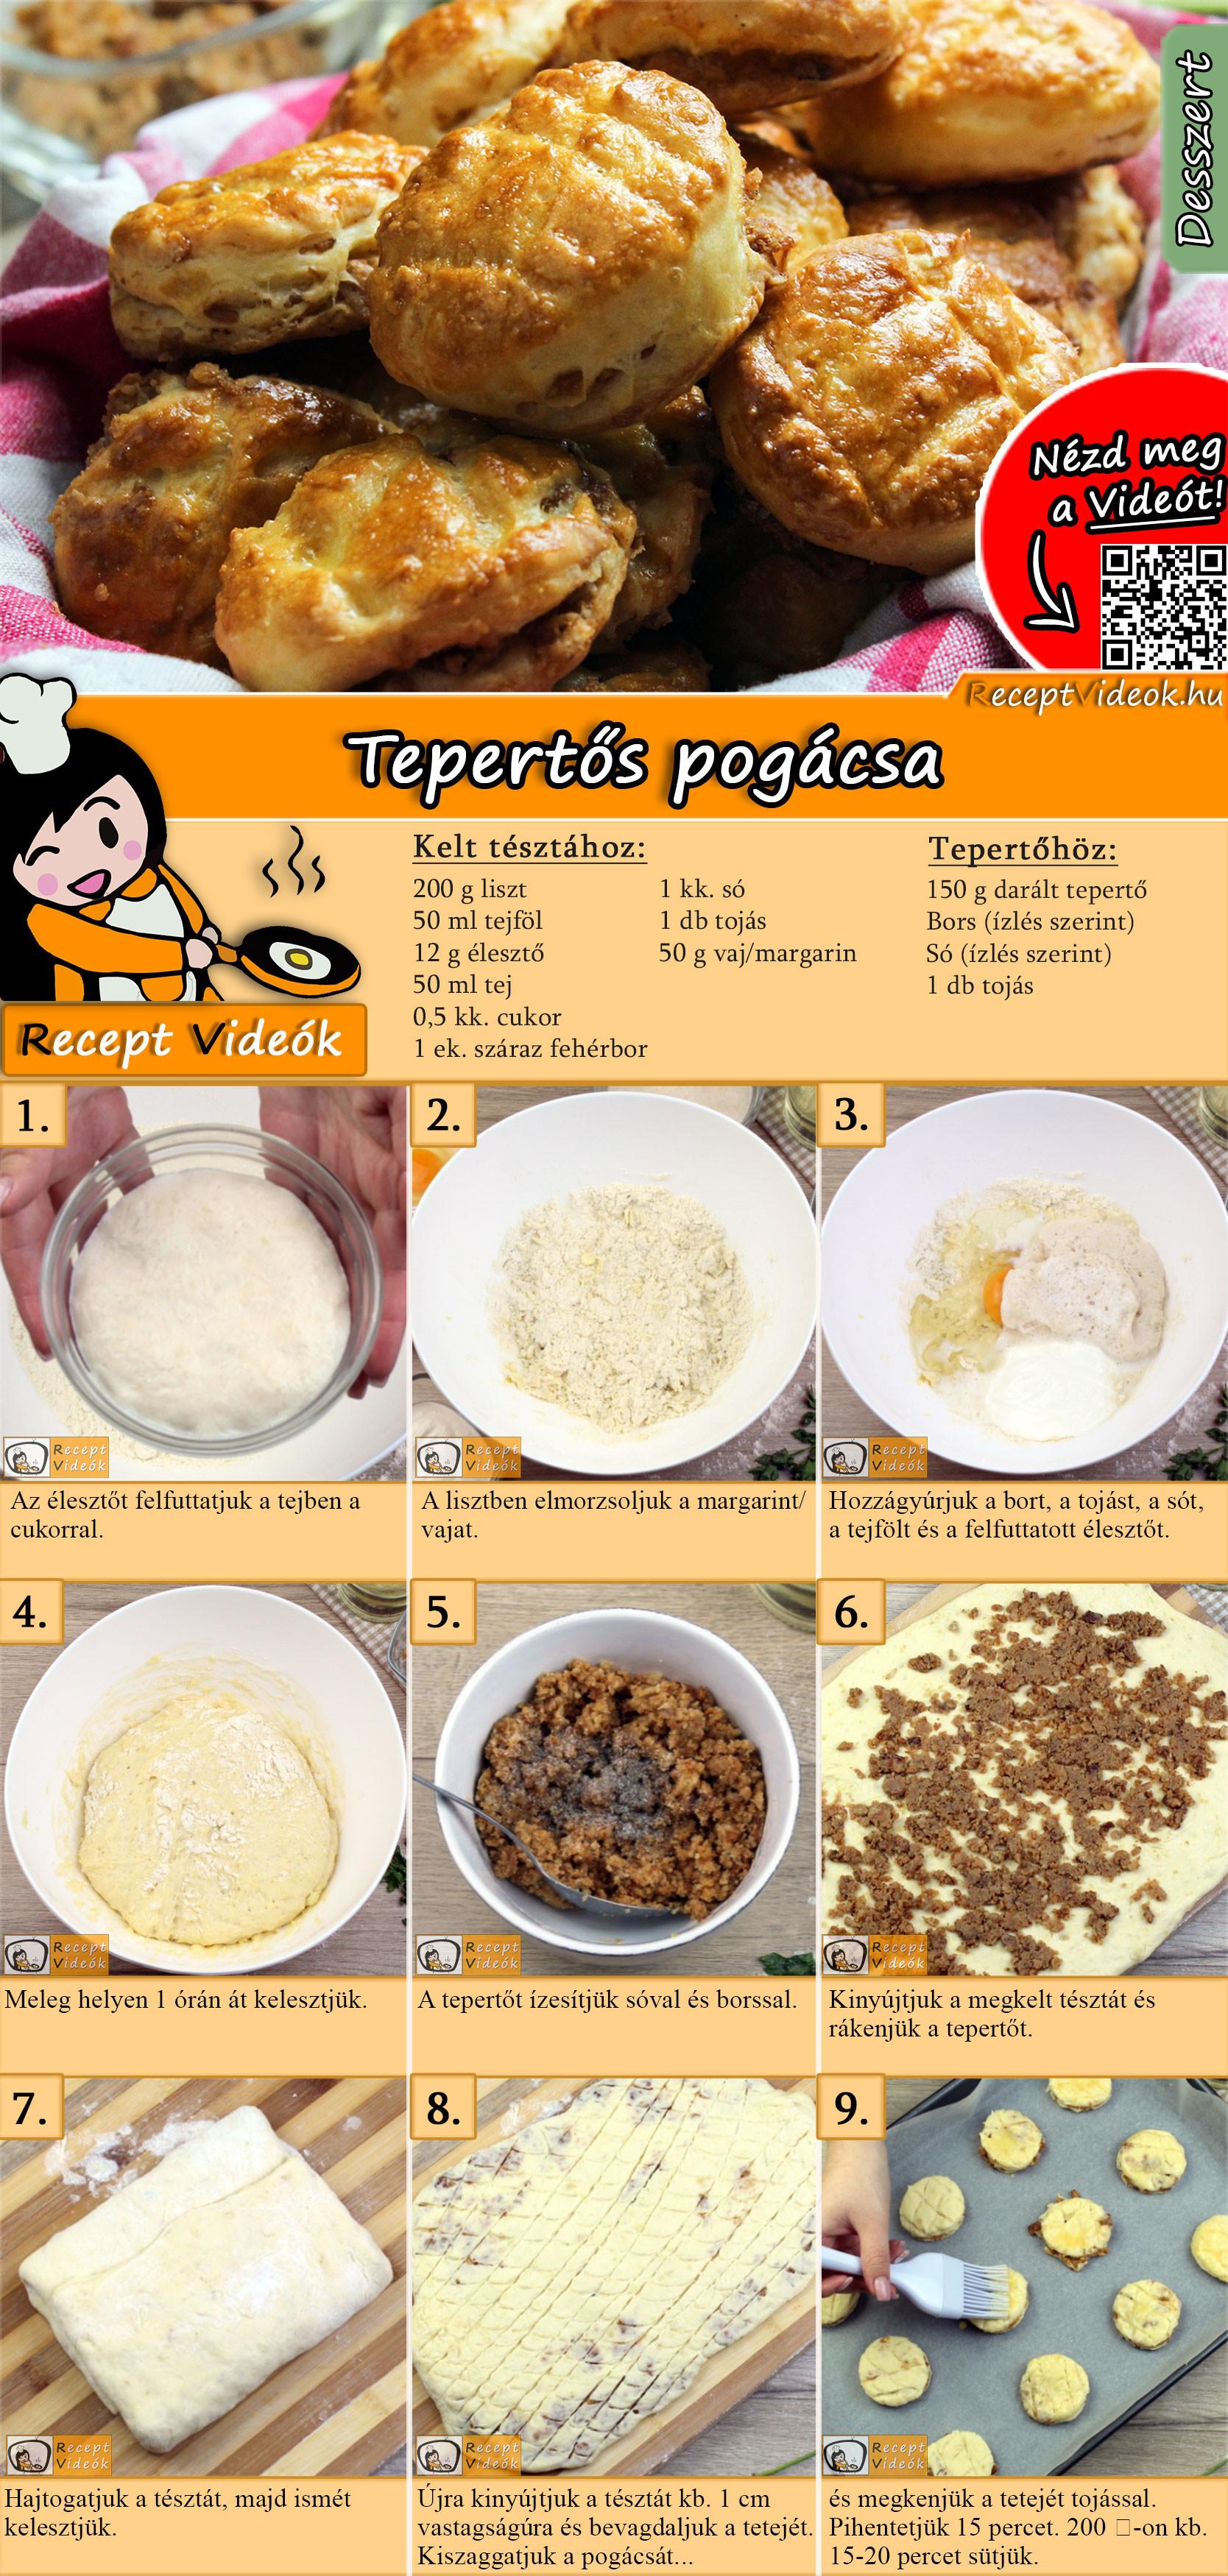 Tepertős pogácsa recept elkészítése videóval